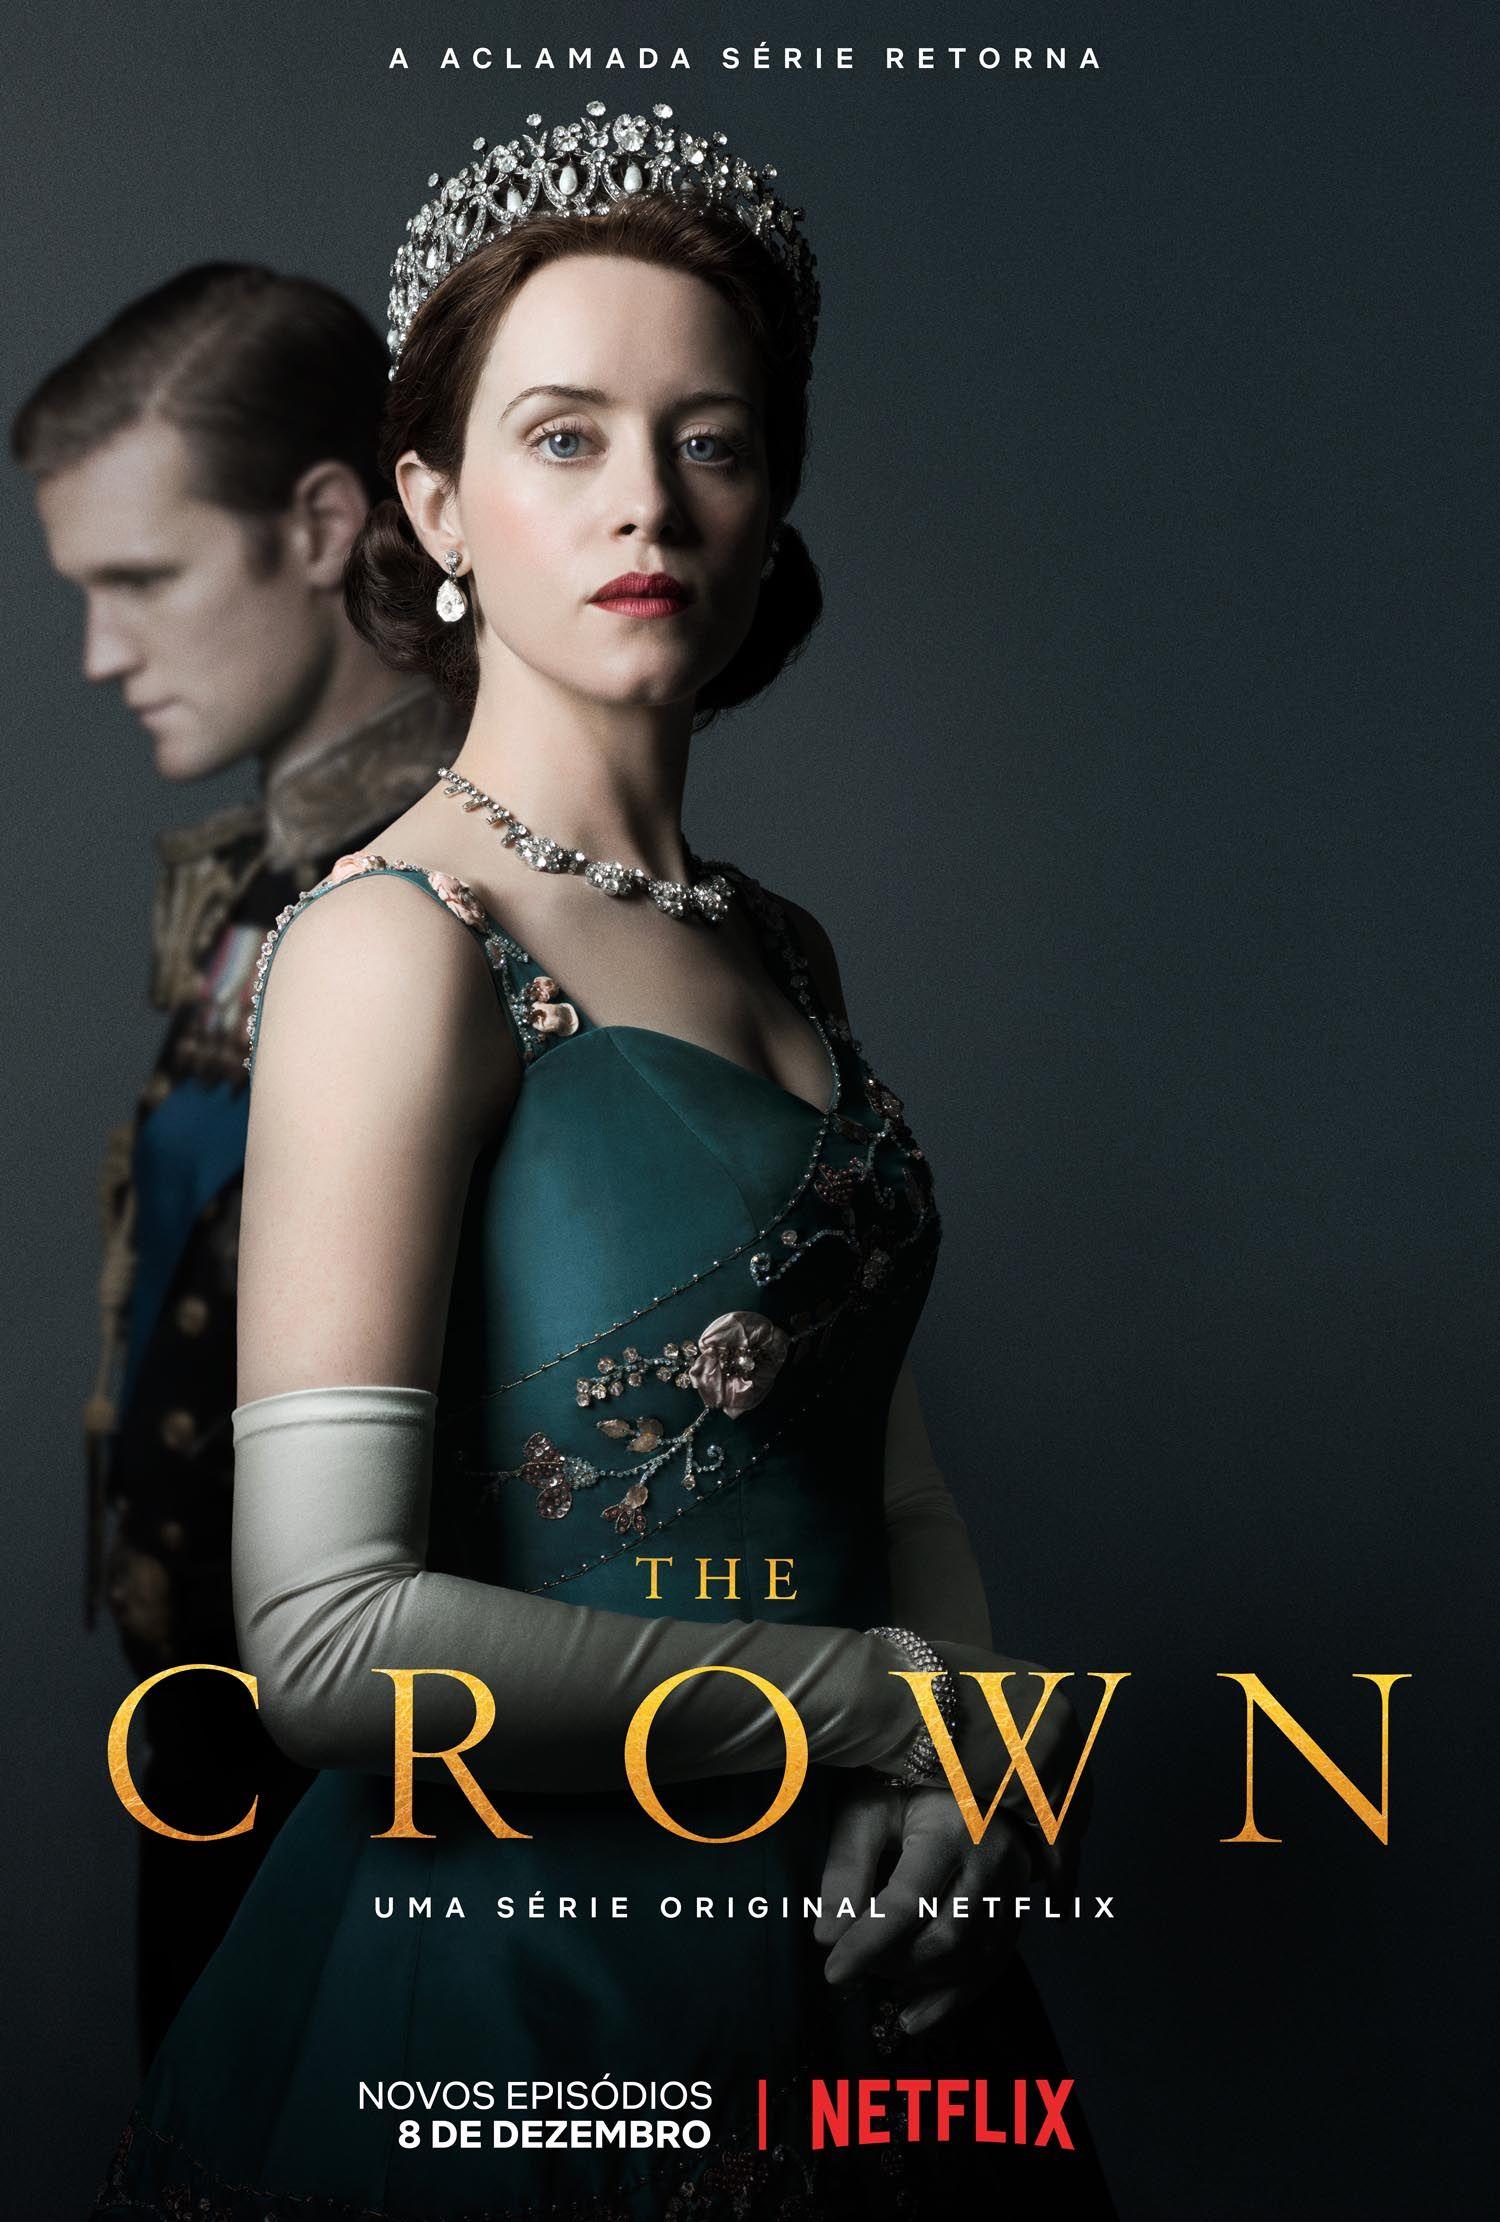 Netflix Divulga Trailer Da Segunda Temporada De The Crown Crown